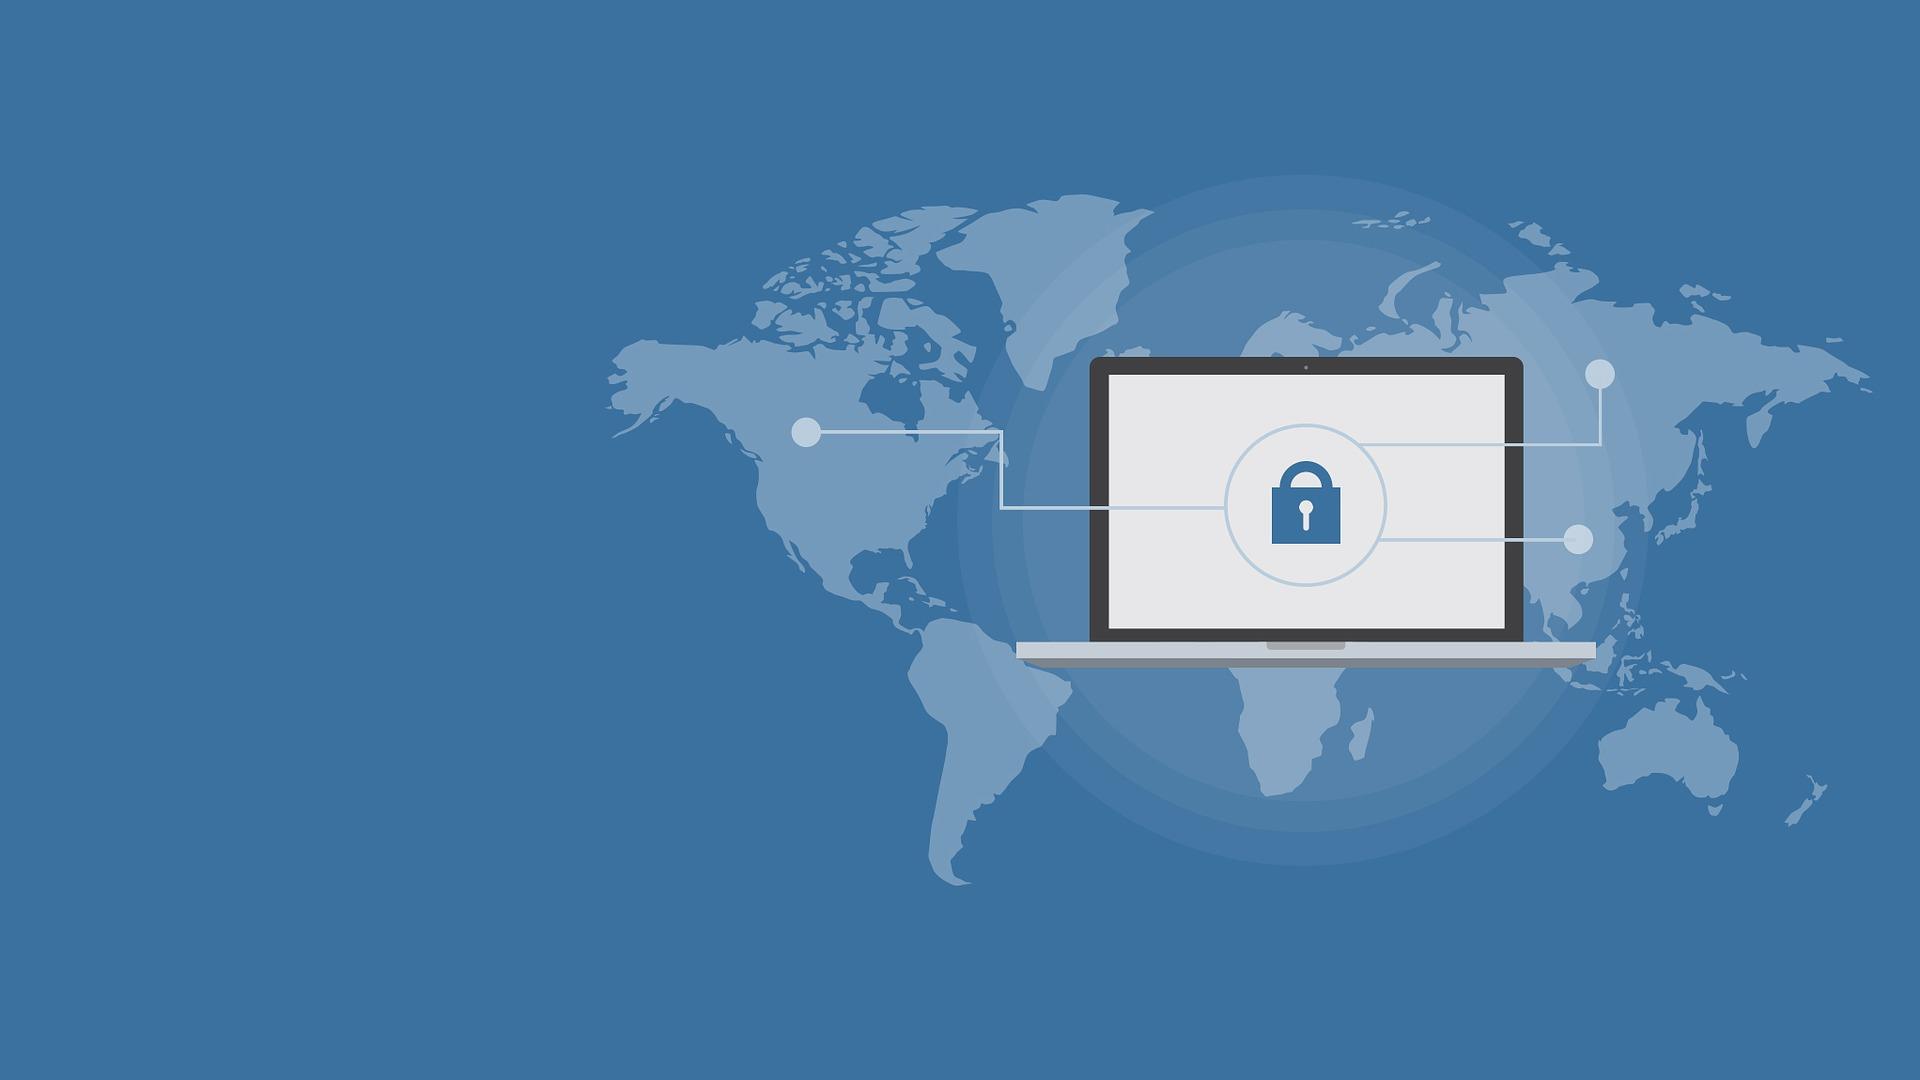 Güvenli İnternet Kullanımı Neden Önemlidir?